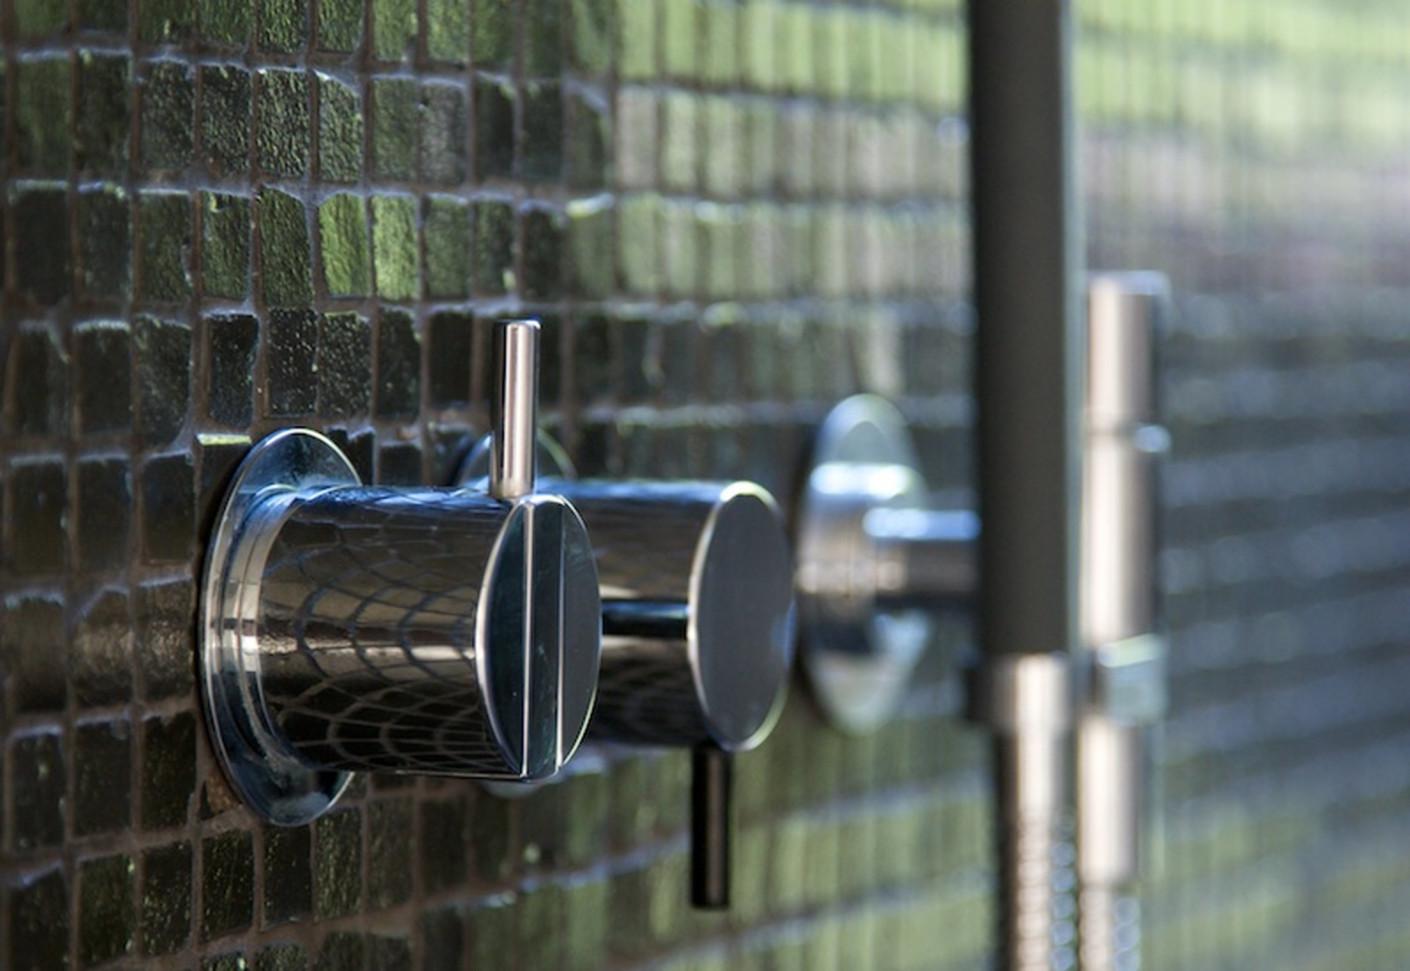 Casamood vetro mosaico carbone by casa dolce casa stylepark for Vetro casa dolce casa